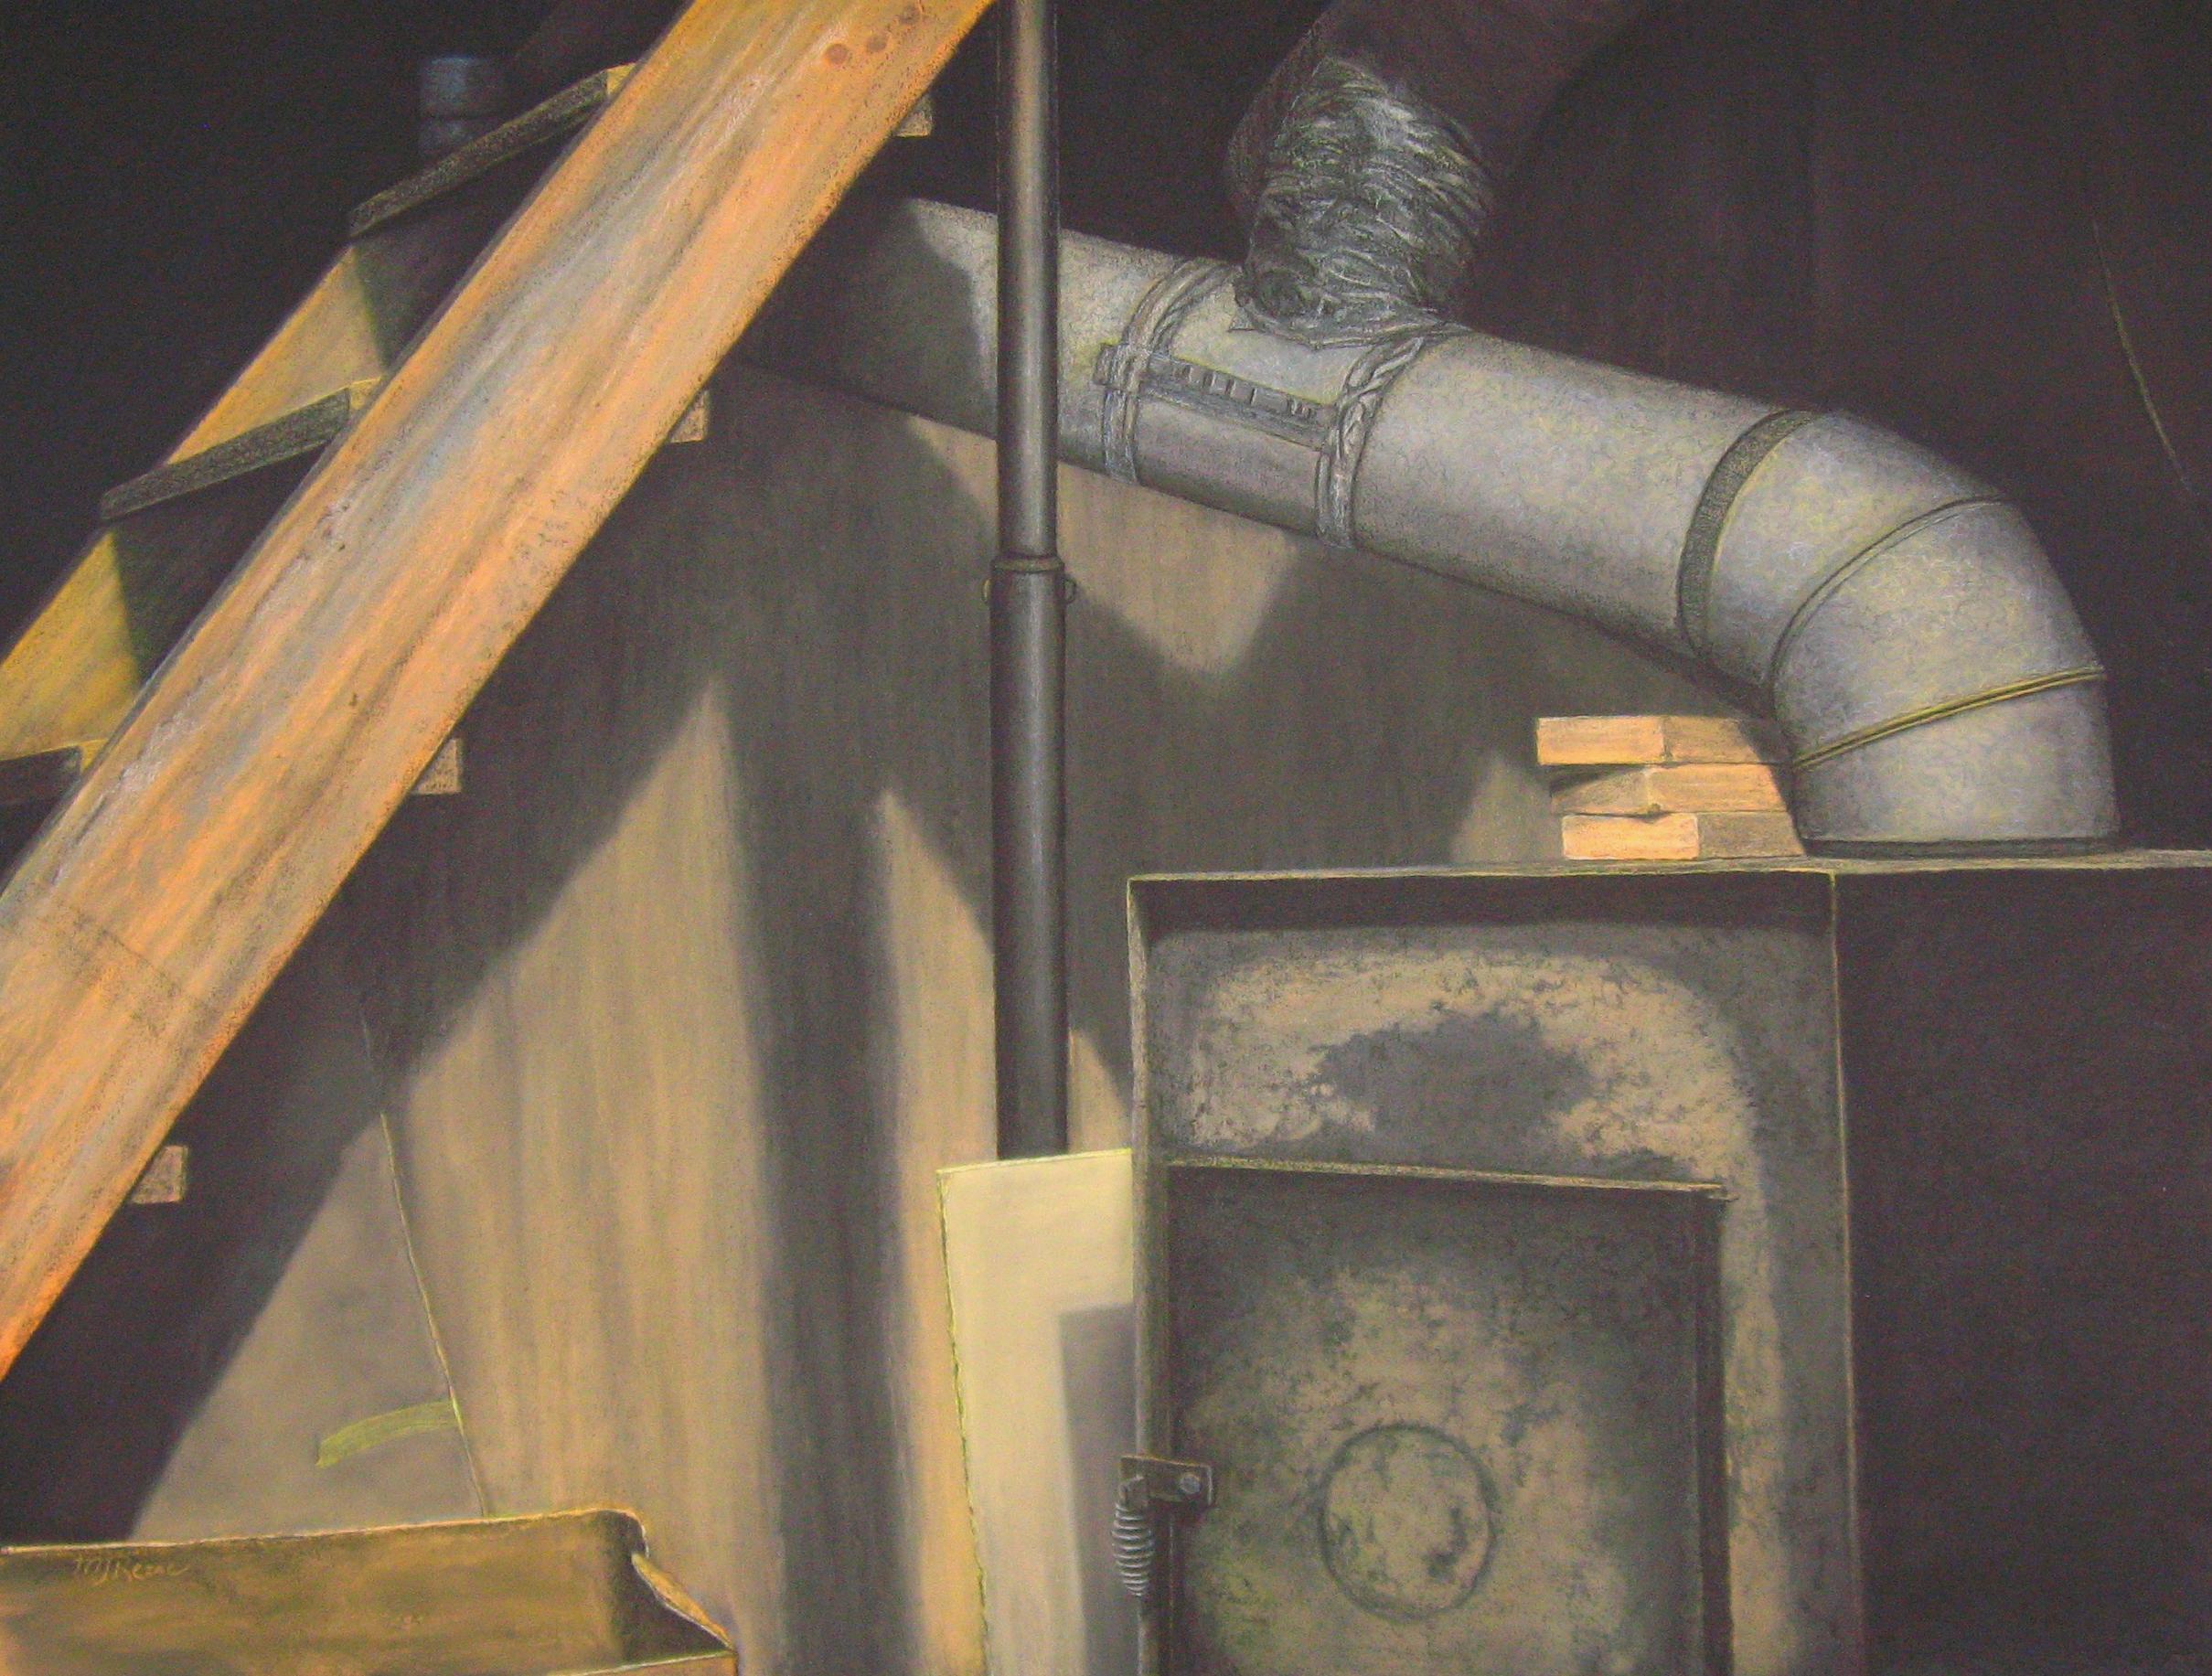 Basement, 40x30, 2010